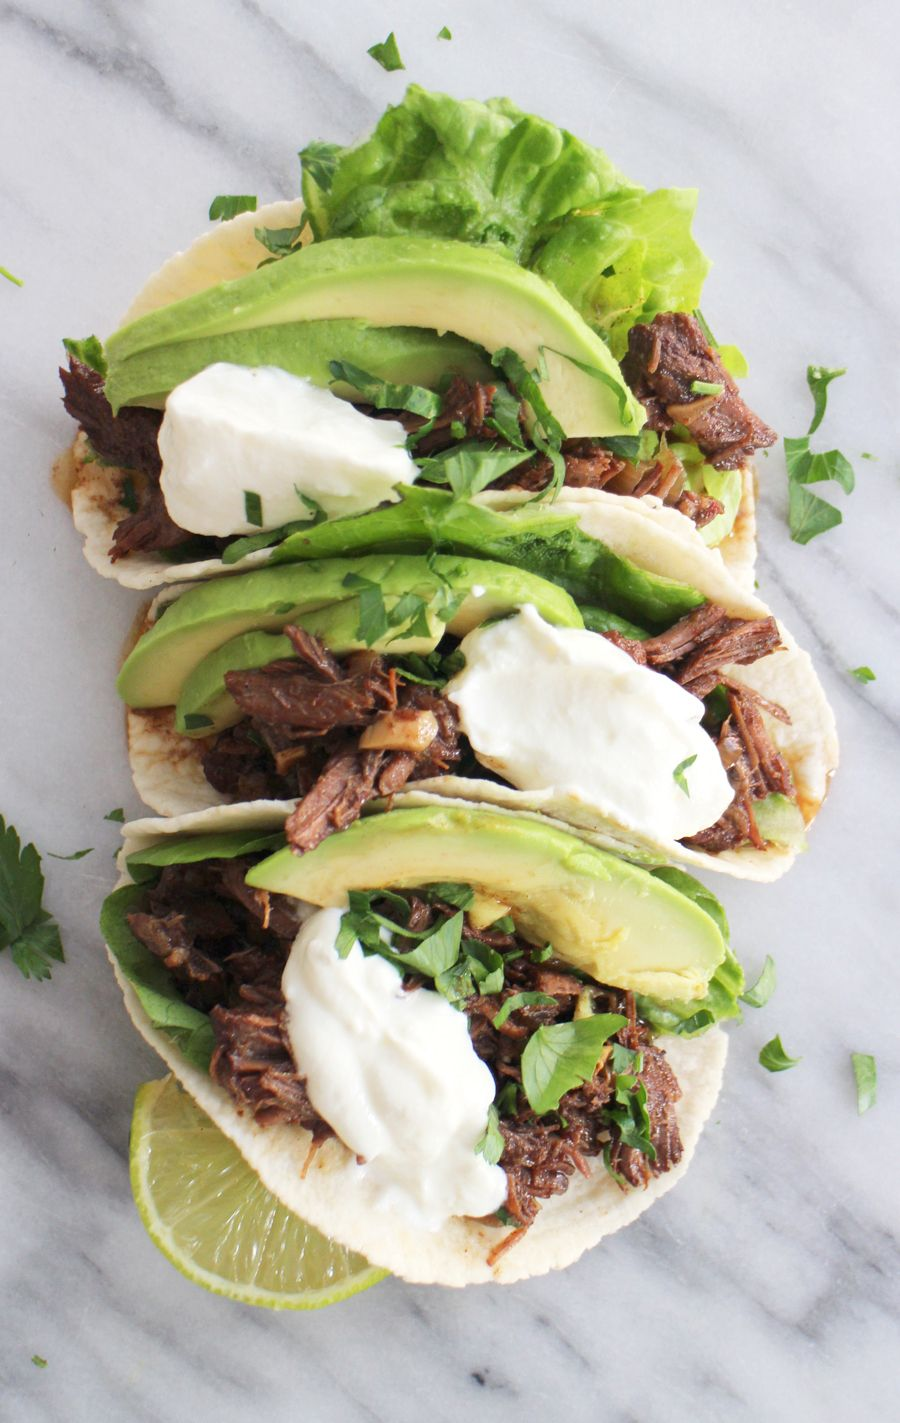 Dit recept voor pulled beef taco's uit de slowcooker is zo makkelijk, dat we je bijna voor gek verklaren als je het niet maakt. Jekunt het vlees ook bereiden in de oven en jetovert gegarandeerd een glimlach op de gezichten van je tafelgenoten. Ideaal voor een feestje óf een gewone doordeweekse dag. Het fijne aan …